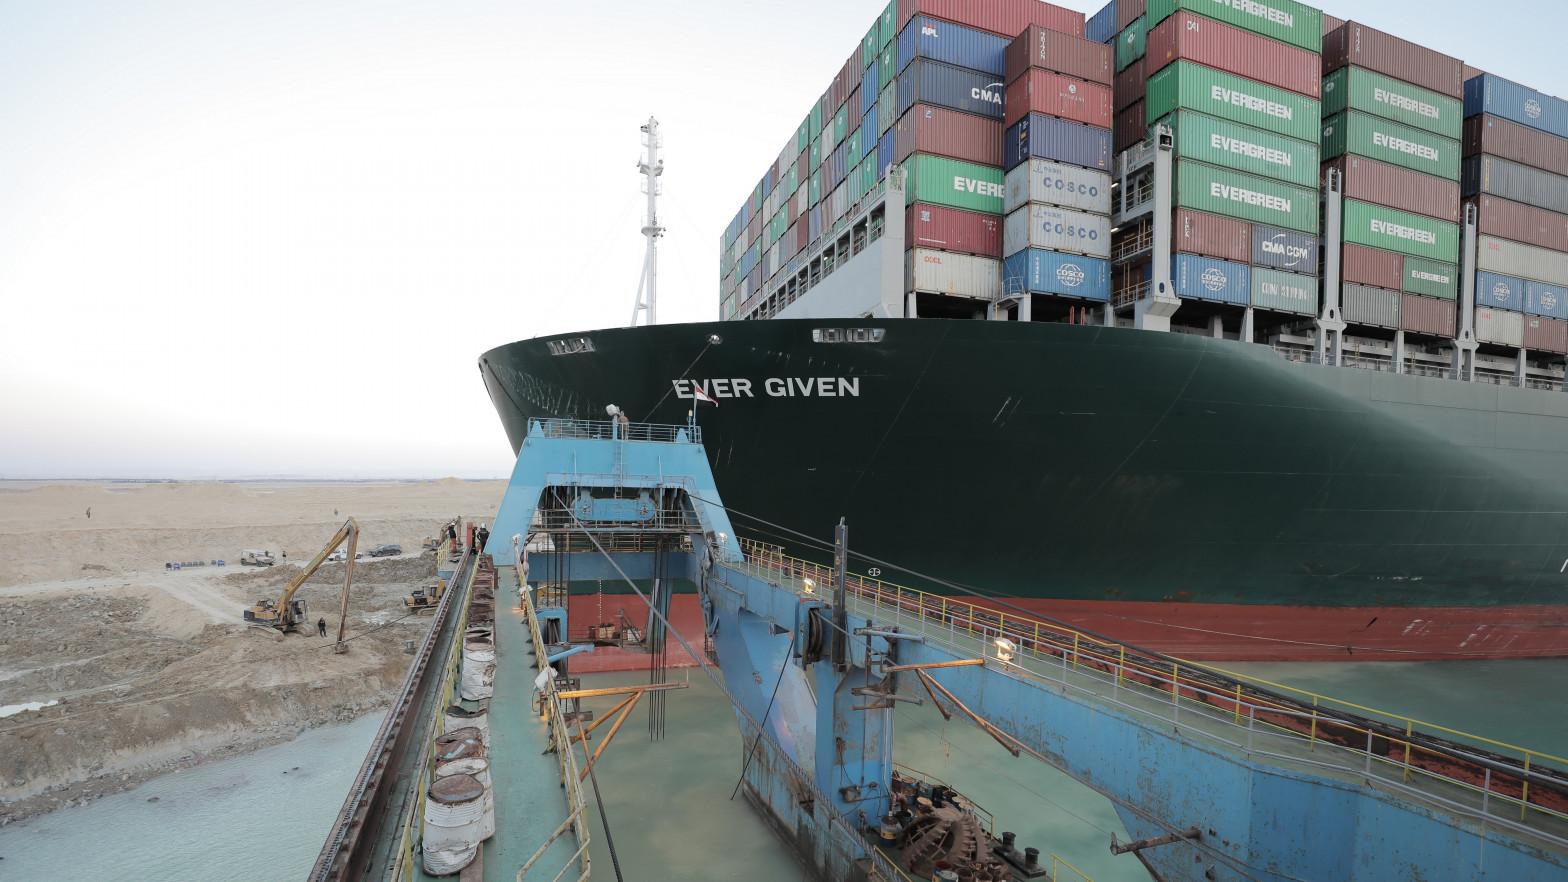 El buque que atasca el canal de Suez.